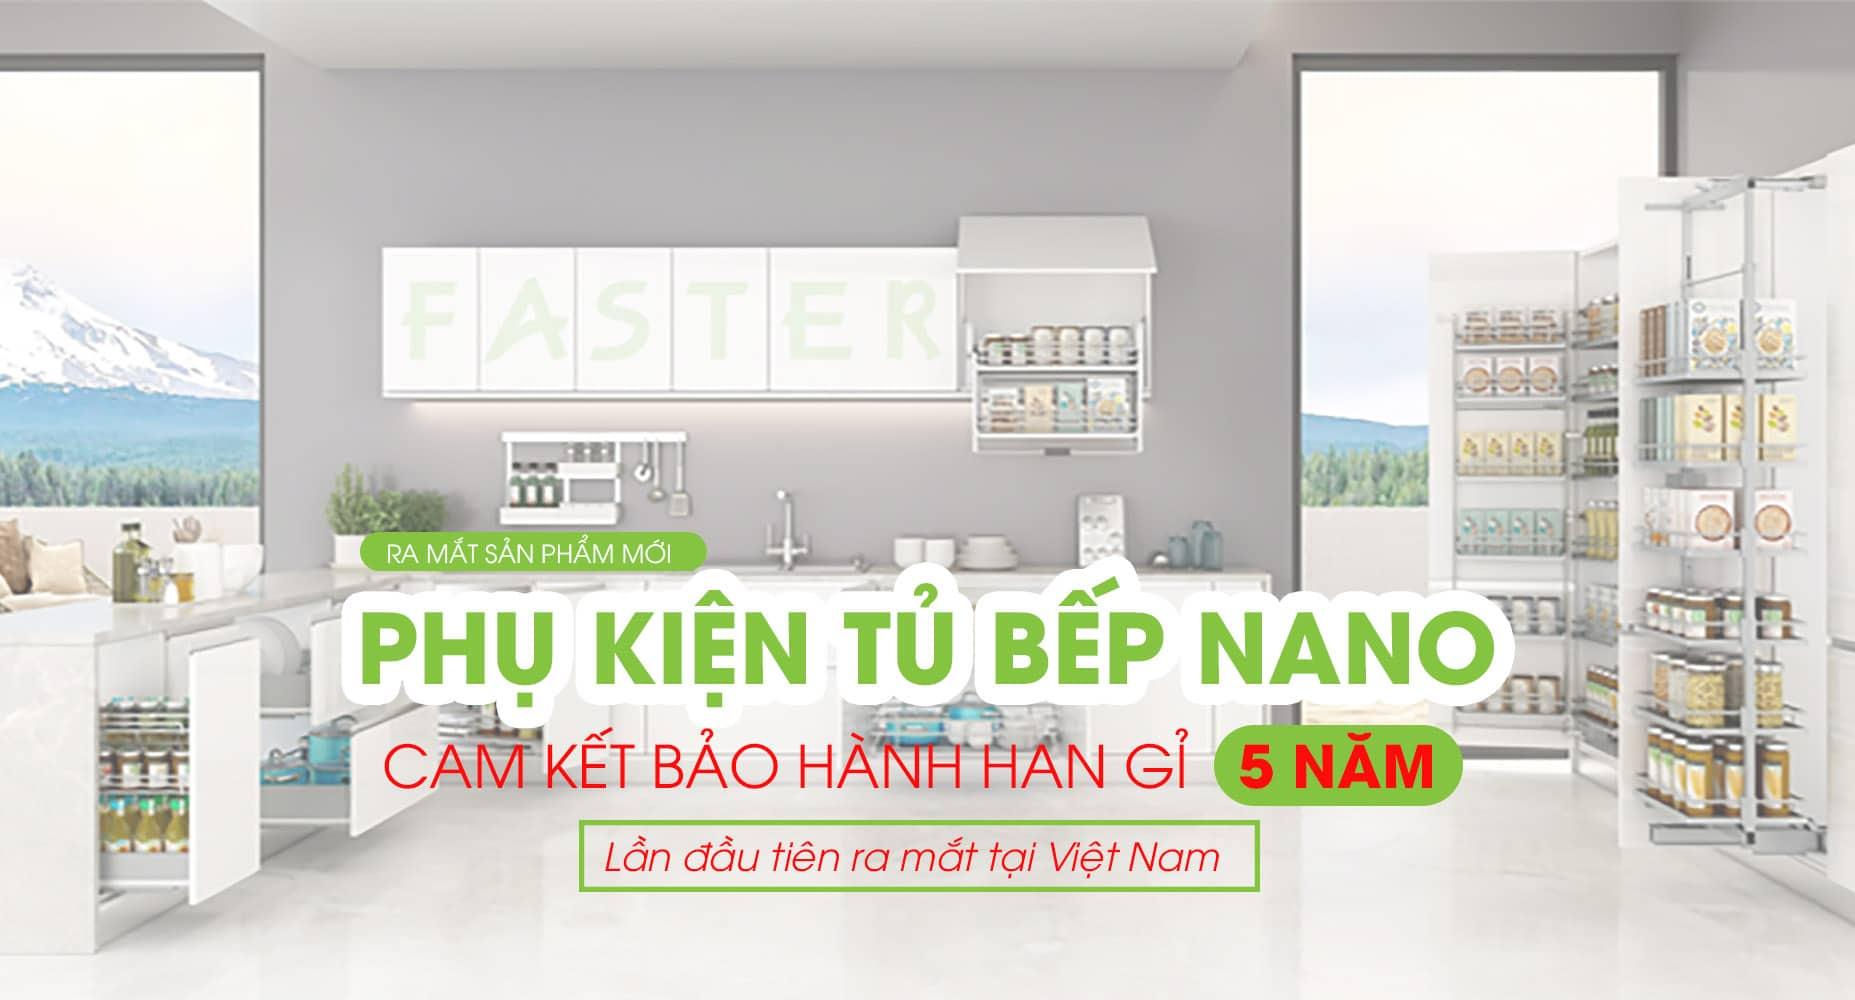 phụ kiện tủ bếp nano vip faster